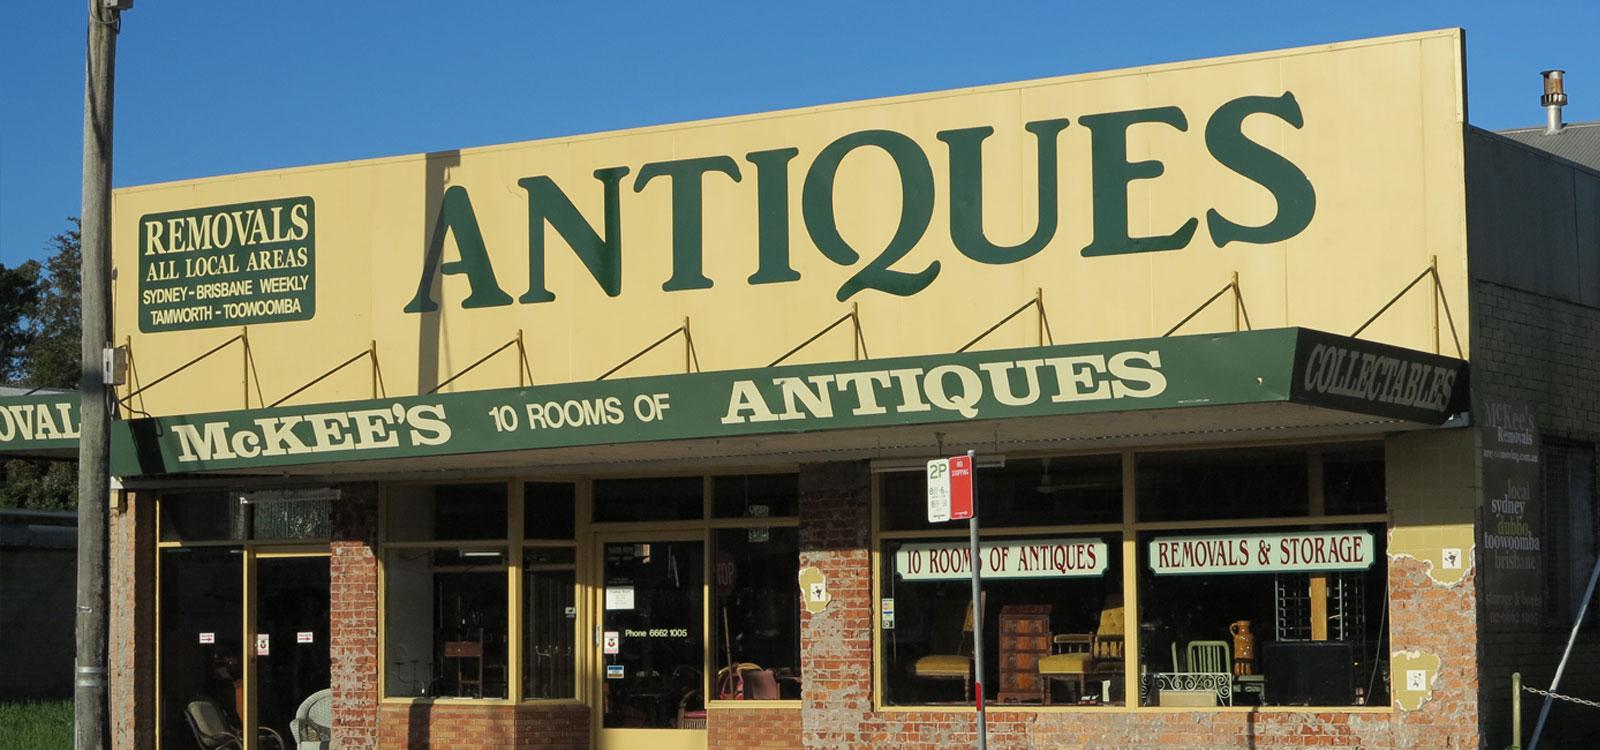 Mckee's Antiques Casino